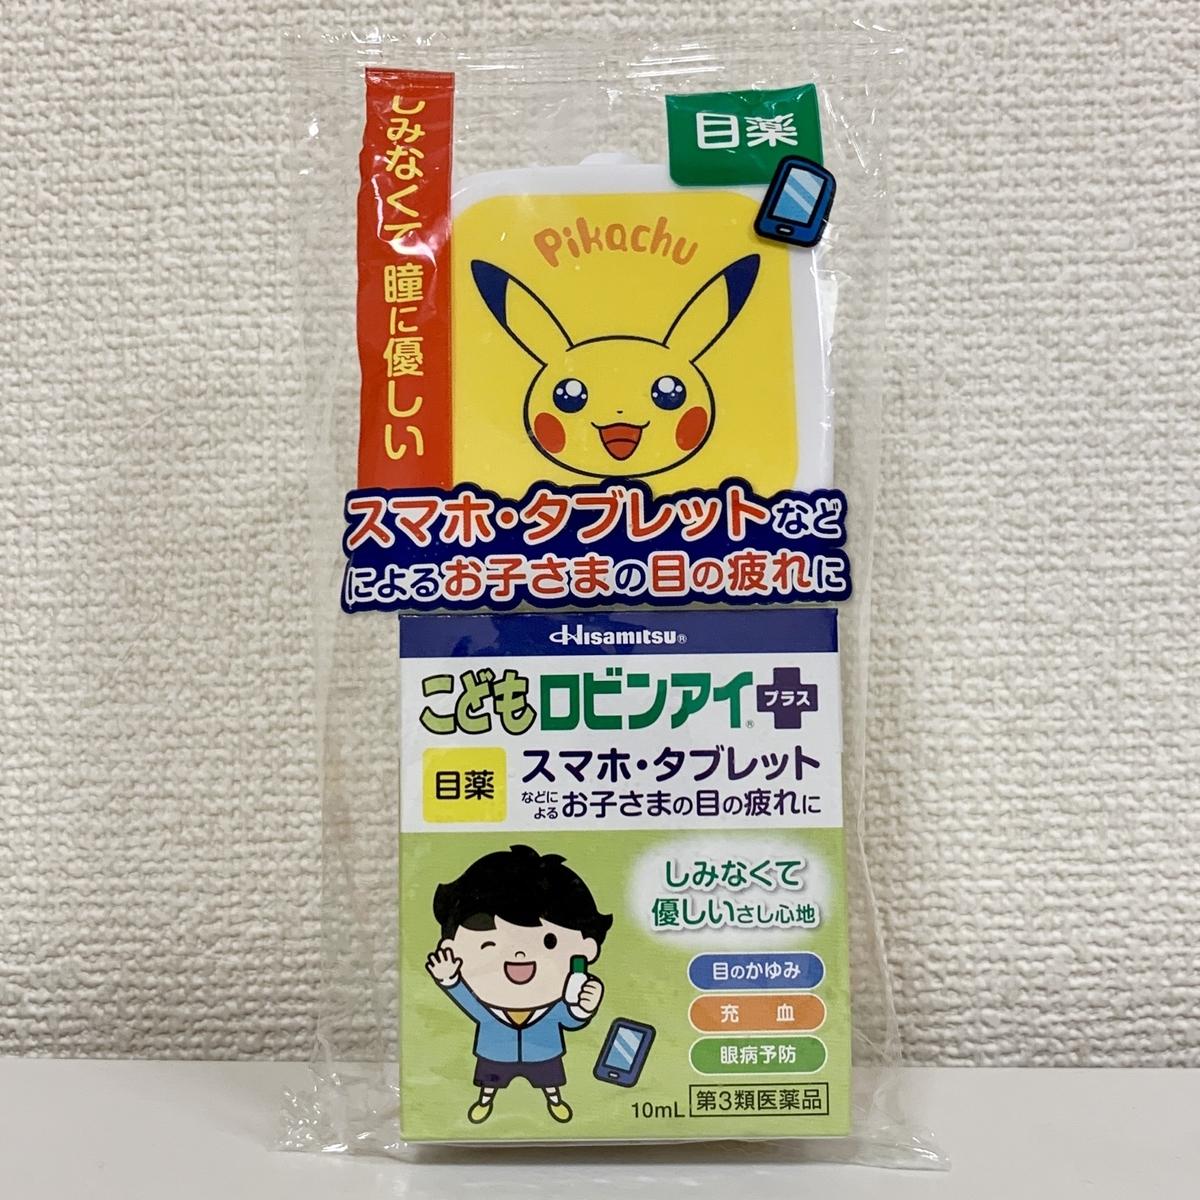 f:id:pikachu_pcn:20200906182409j:plain